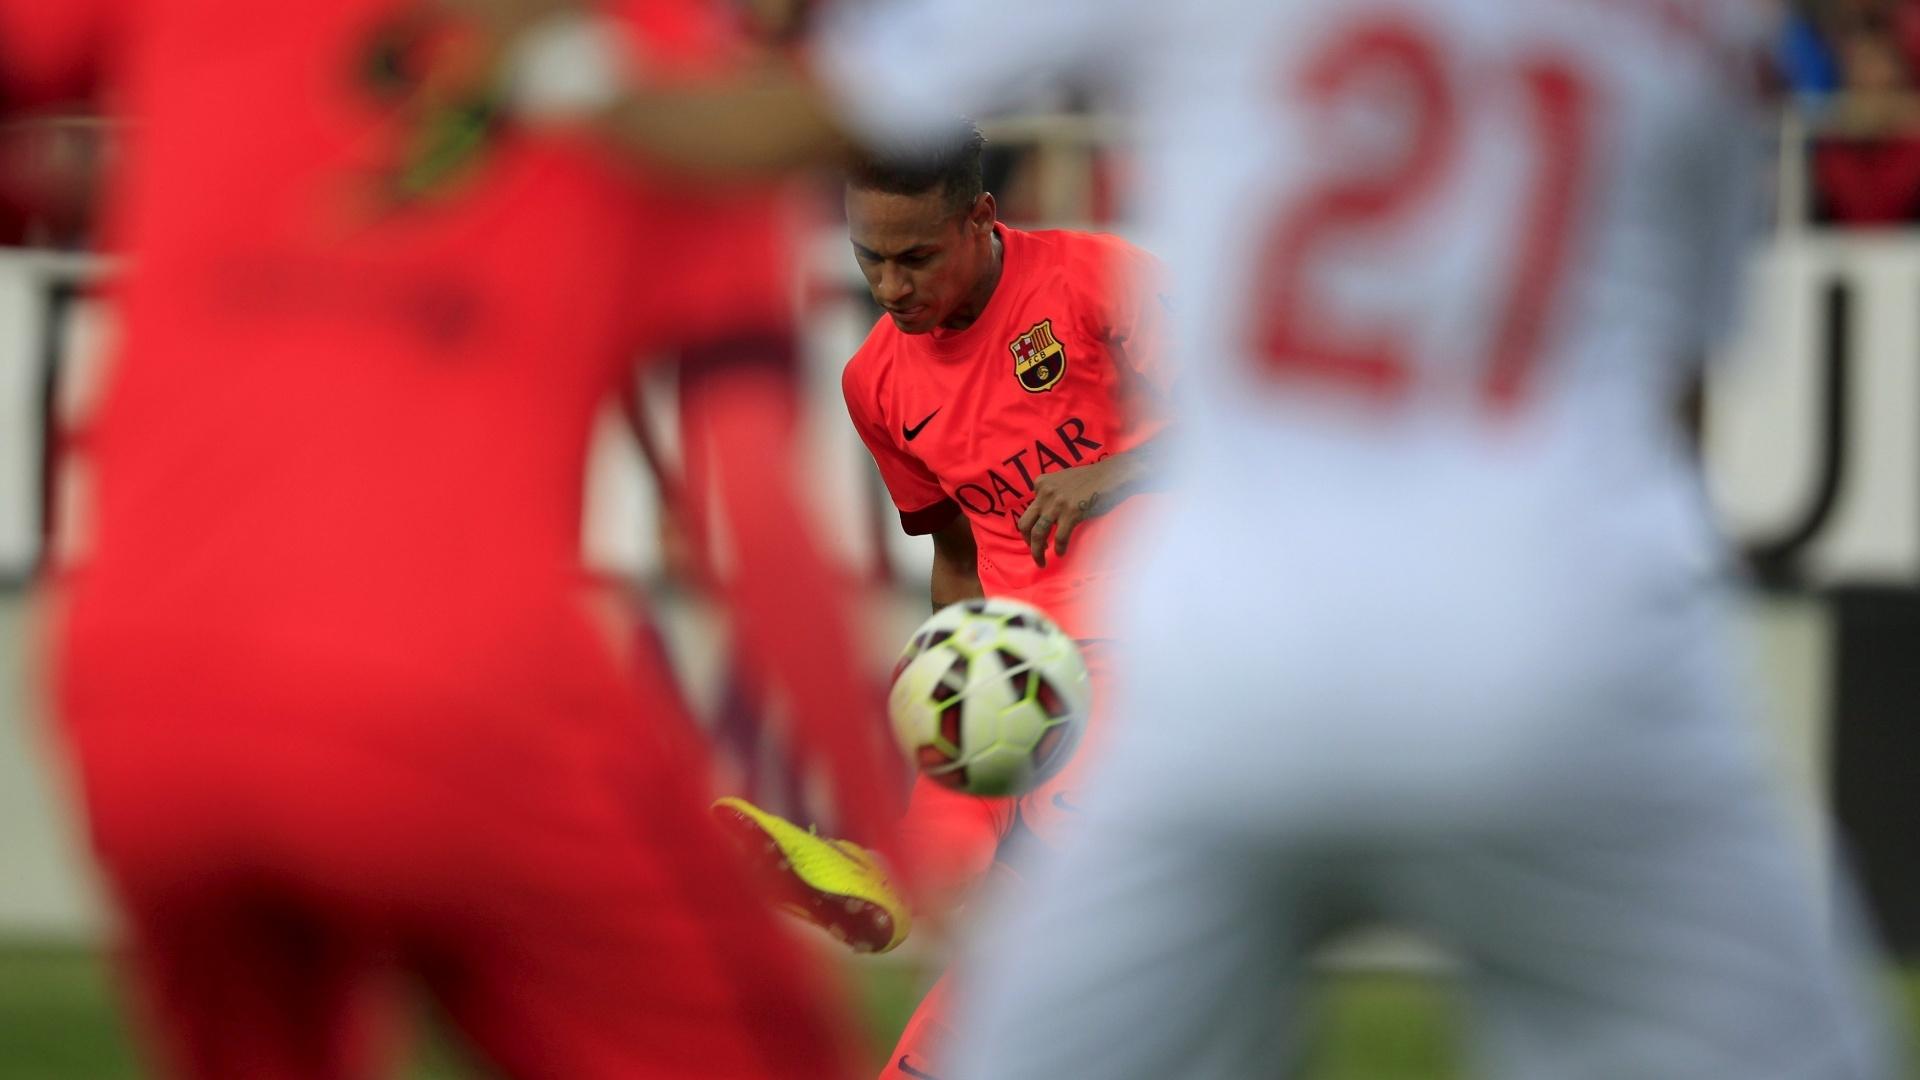 Neymar cobra falta durante a partida Sevilla e Barcelona, válida pelo Campeonato Espanhol